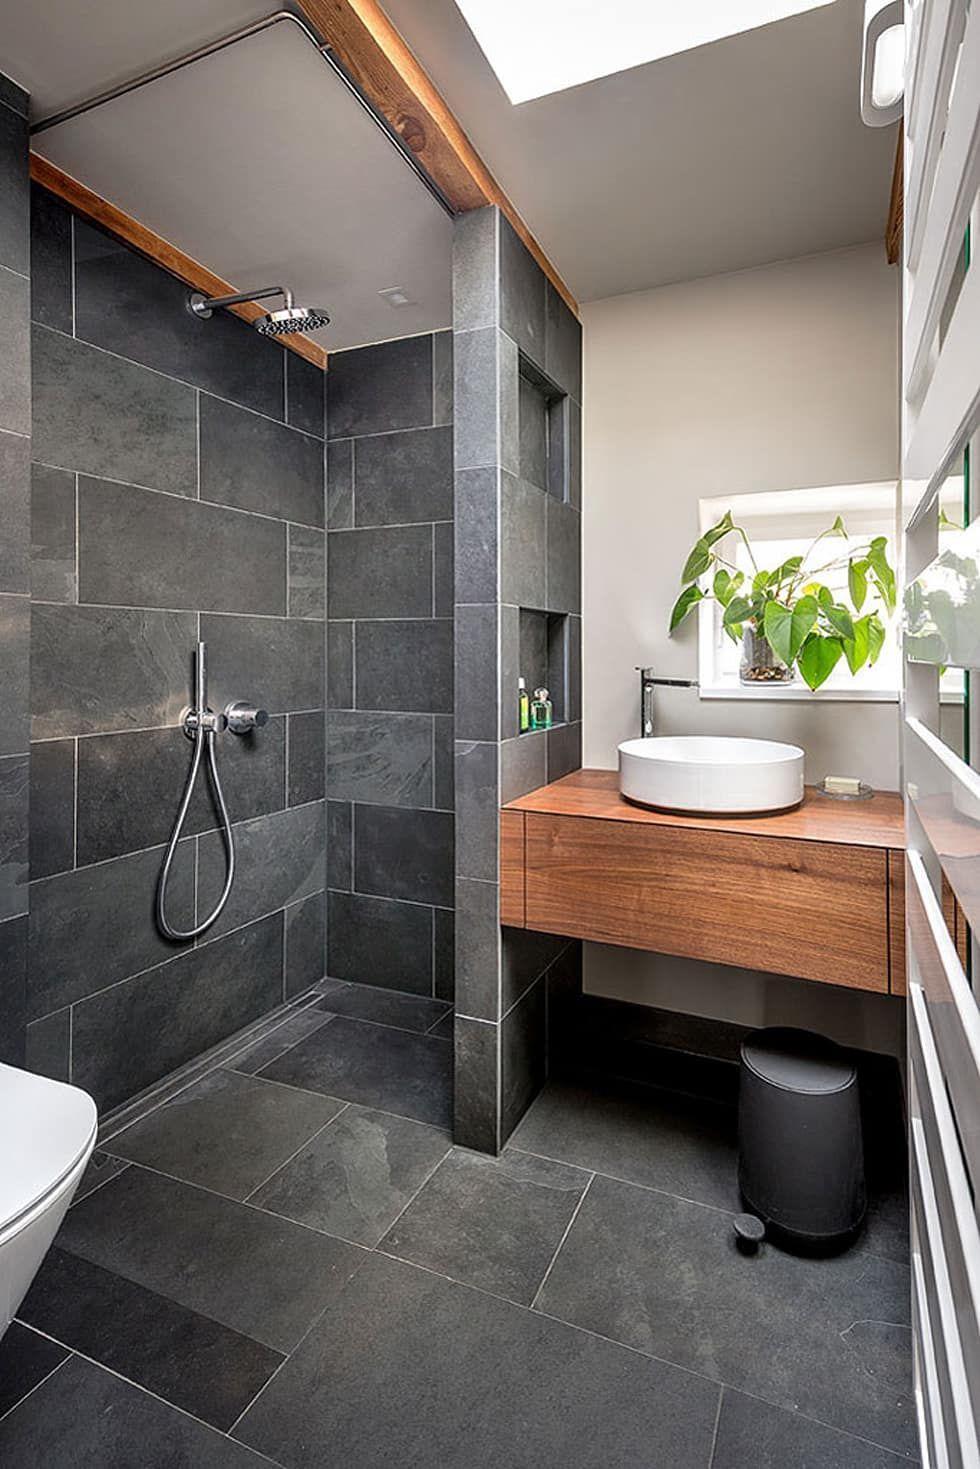 Badezimmer Schiefer badezimmer schwarz grau schiefer holz minimalistische badezimmer